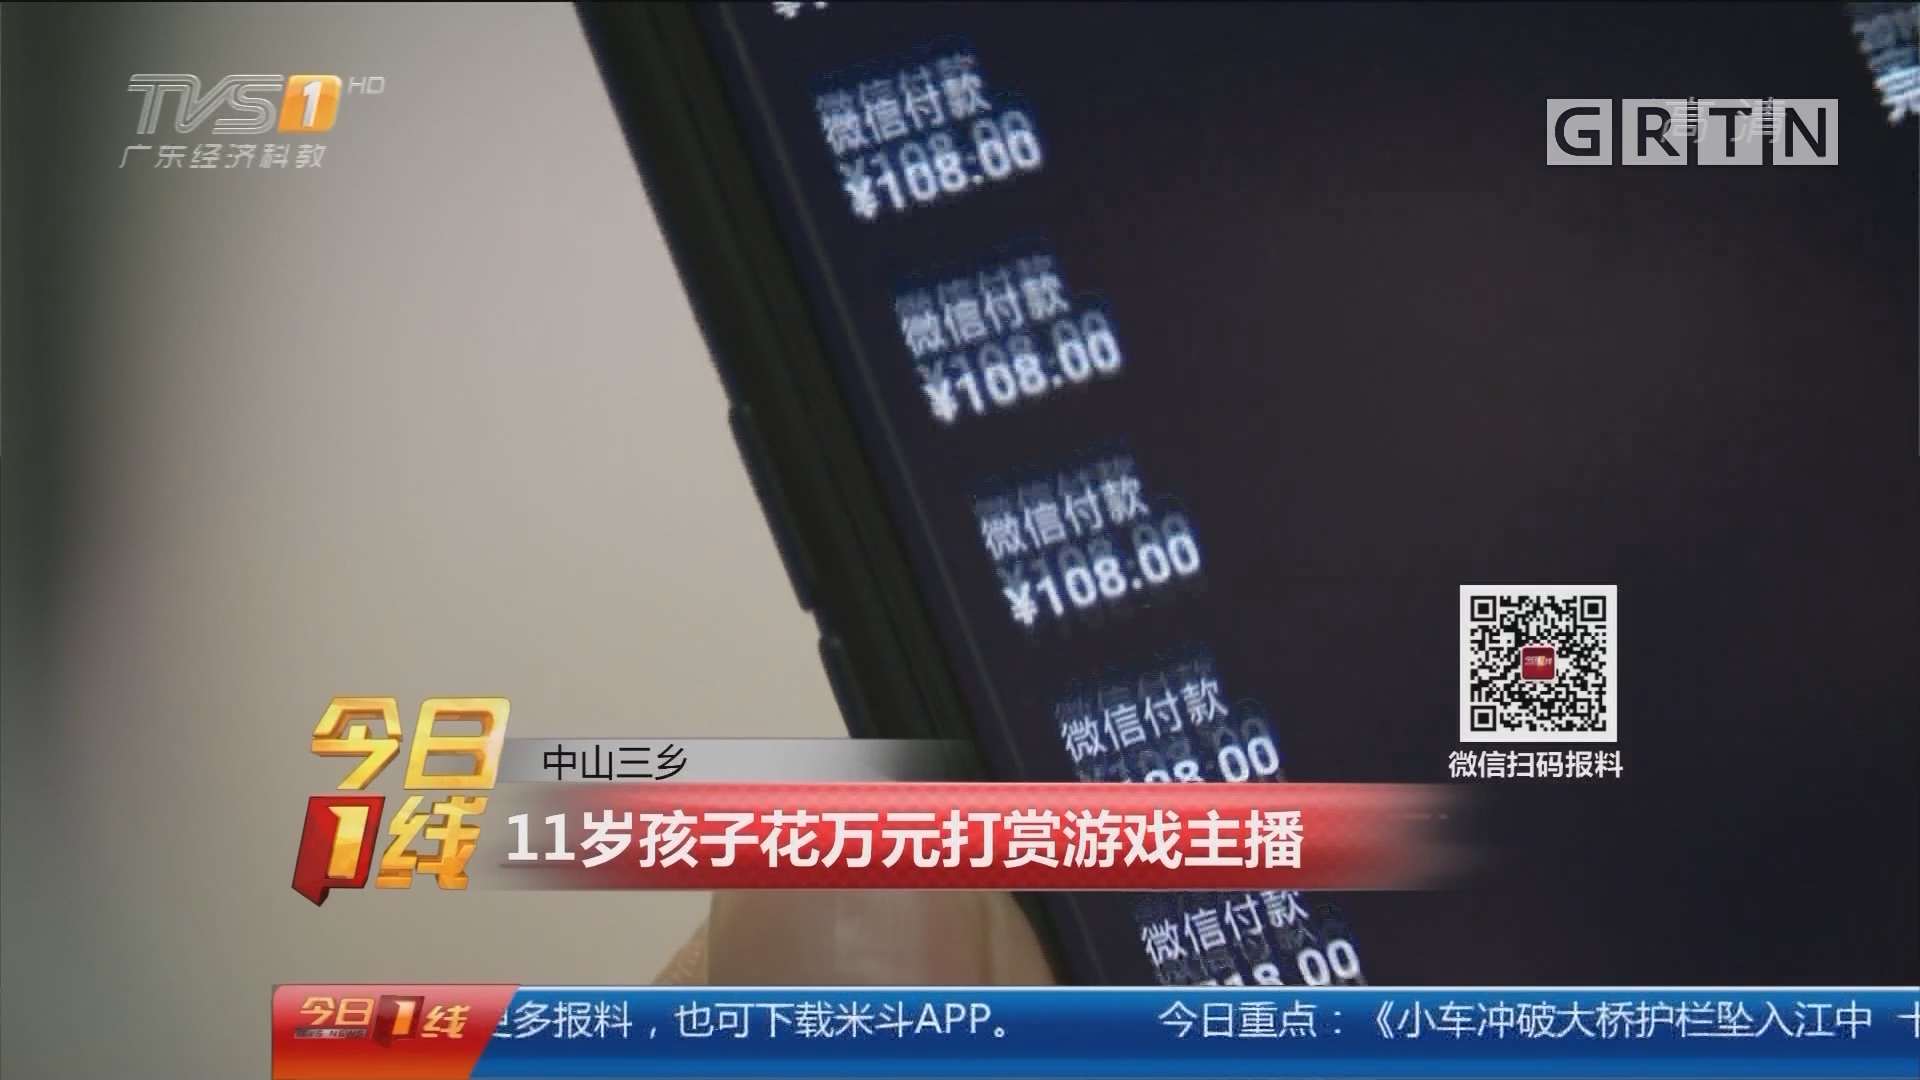 中山三乡:11岁孩子花万元打赏游戏主播